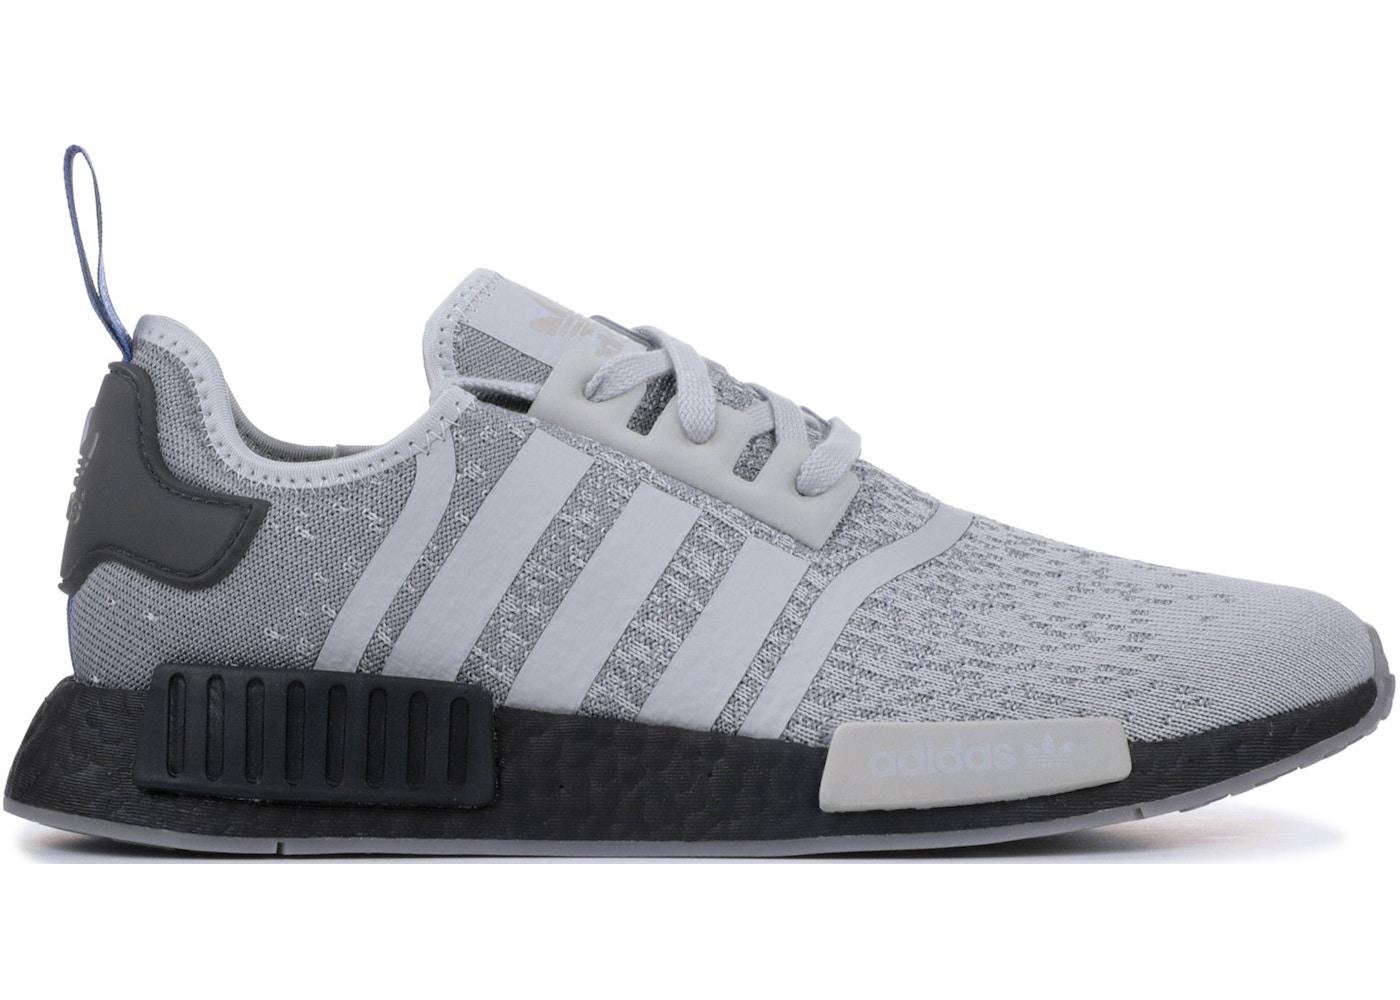 Adidas NMD XR1 Zebra : Sneakers Reddit